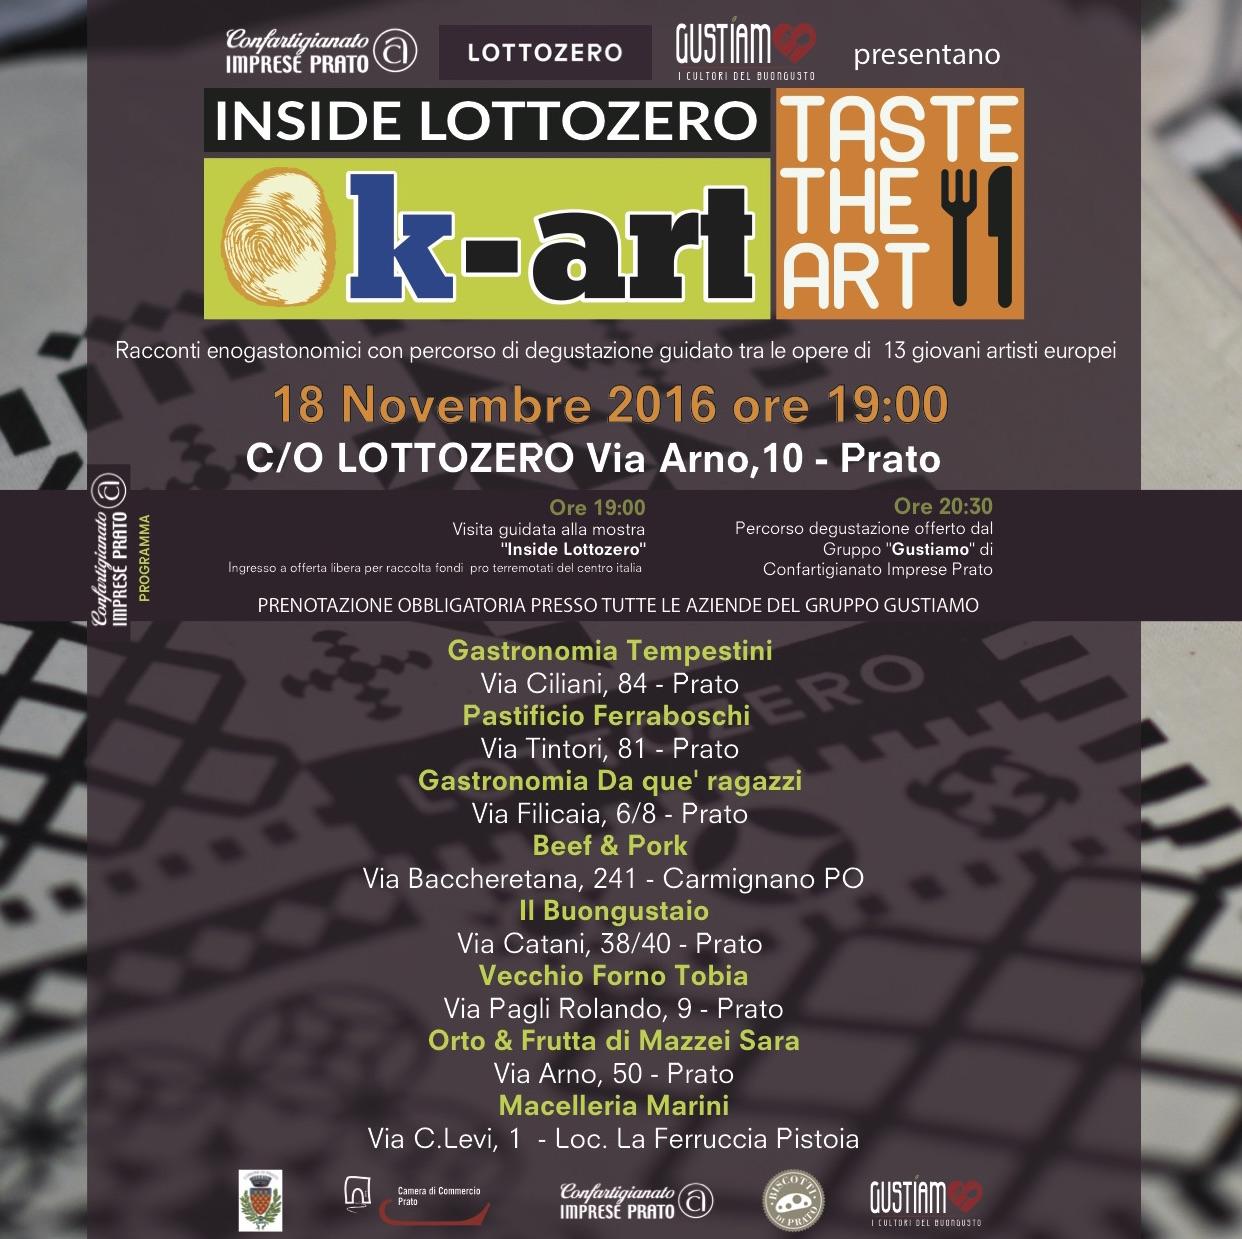 k-art 2016